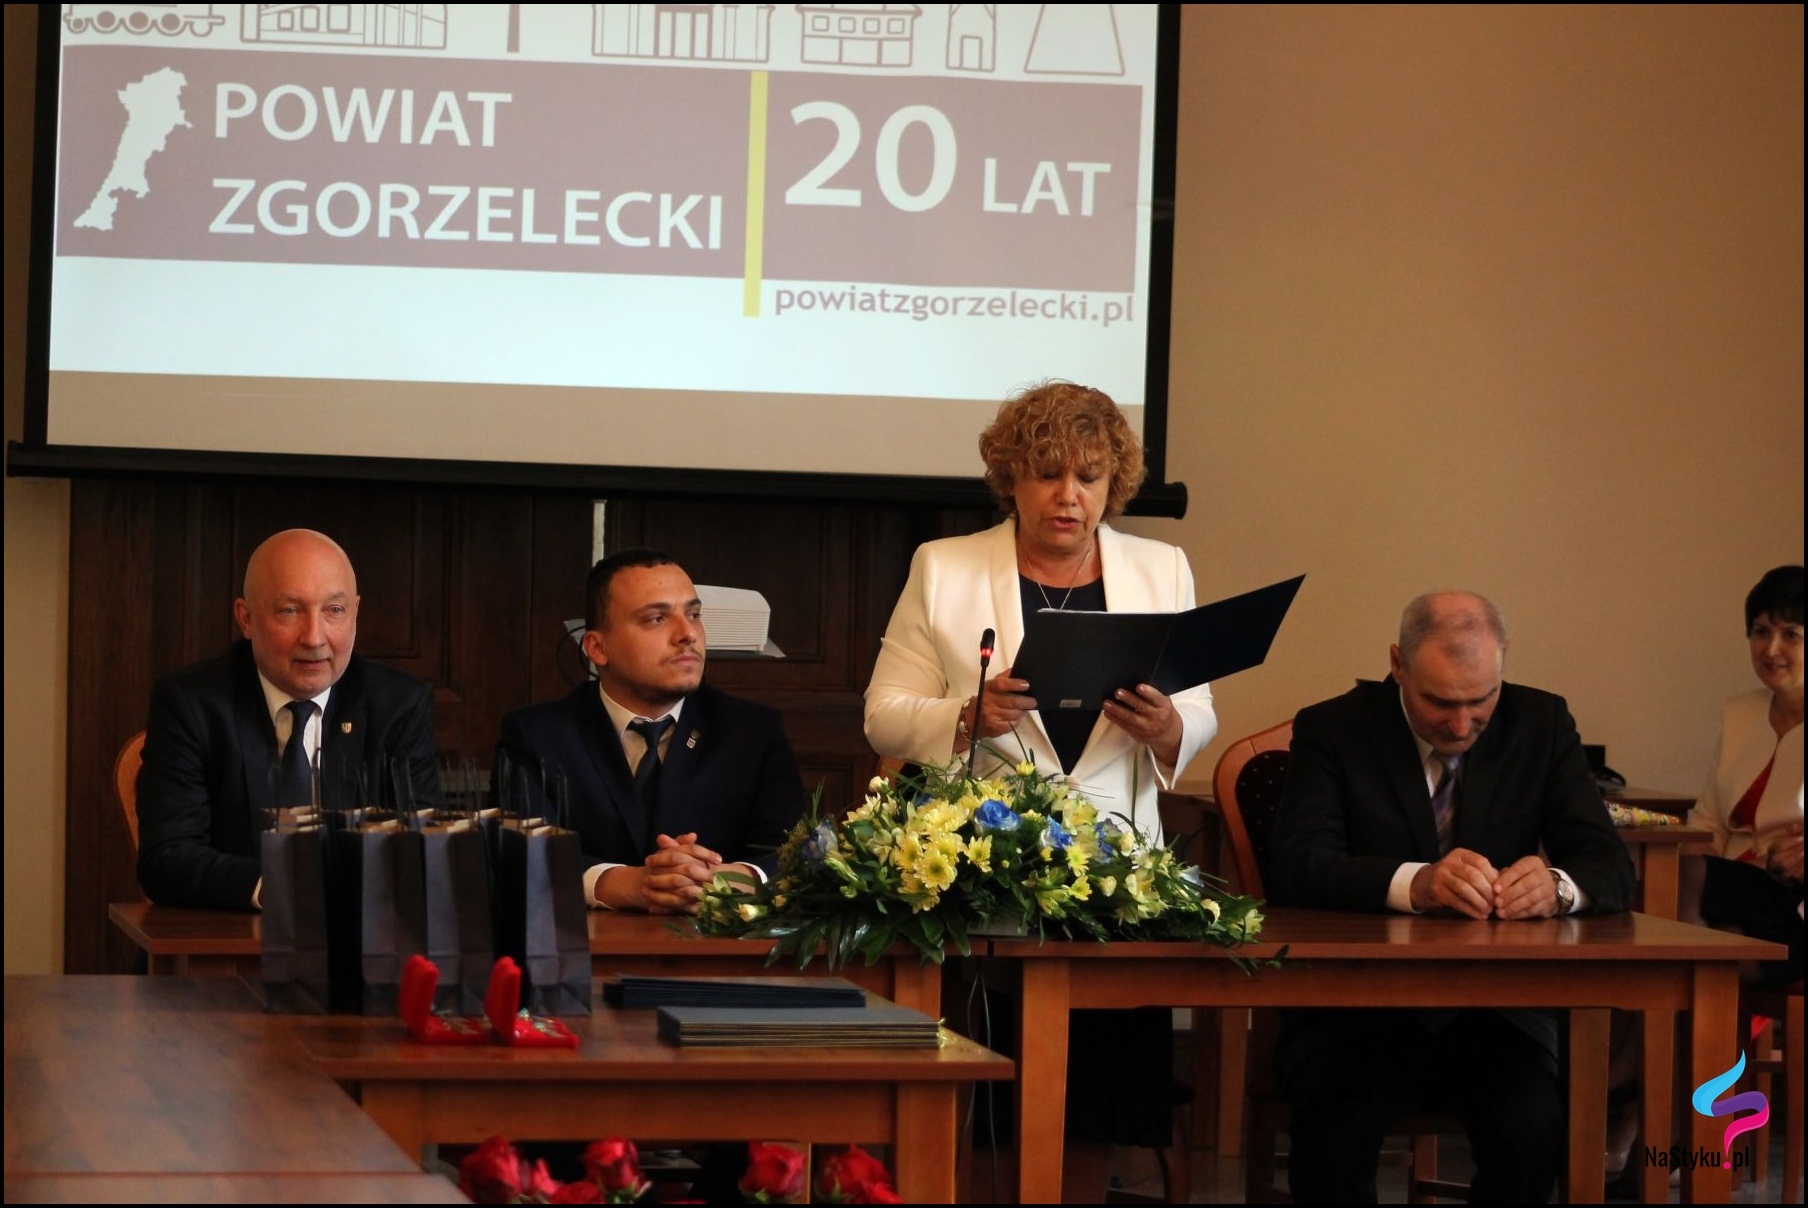 20 lat Powiatu Zgorzeleckiego - zdjęcie nr 2